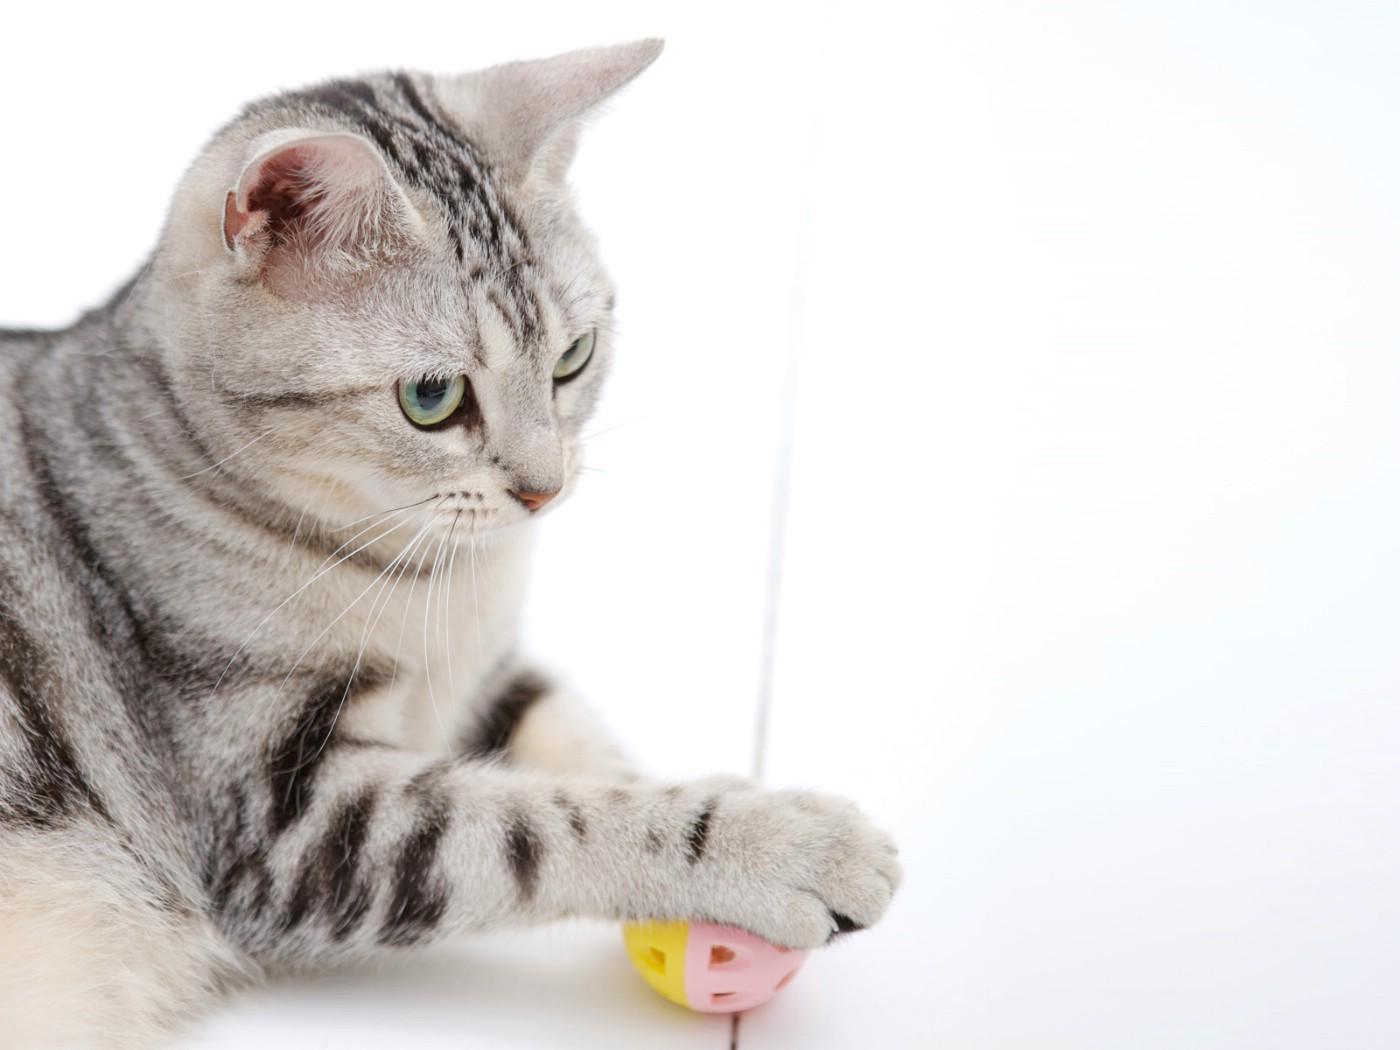 壁纸1400×1050高清可爱小猫咪壁纸壁纸